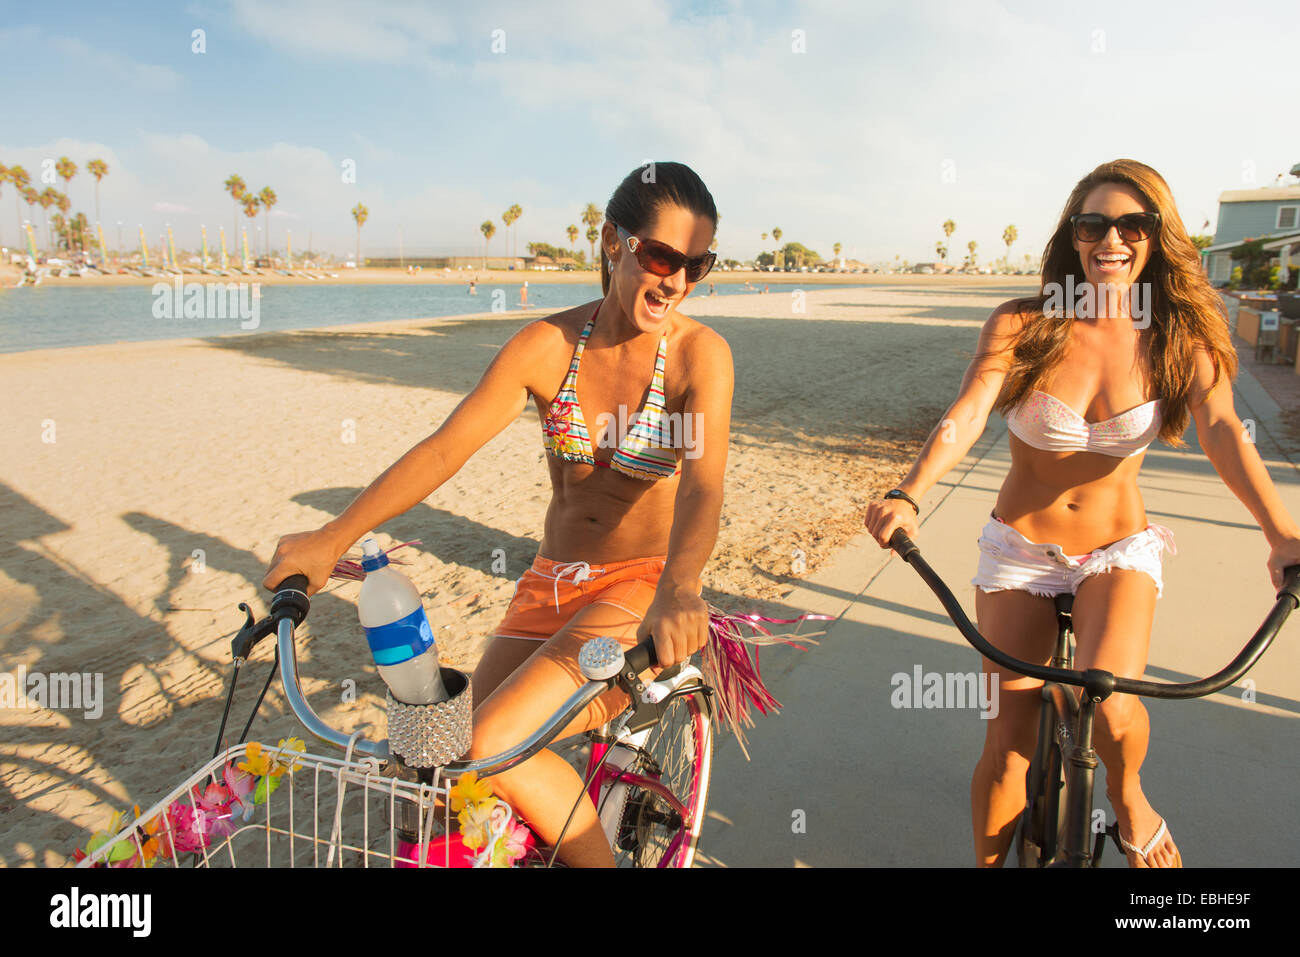 Dos mujeres en bicicleta por la playa, Mission Bay, San Diego, California, EE.UU. Imagen De Stock